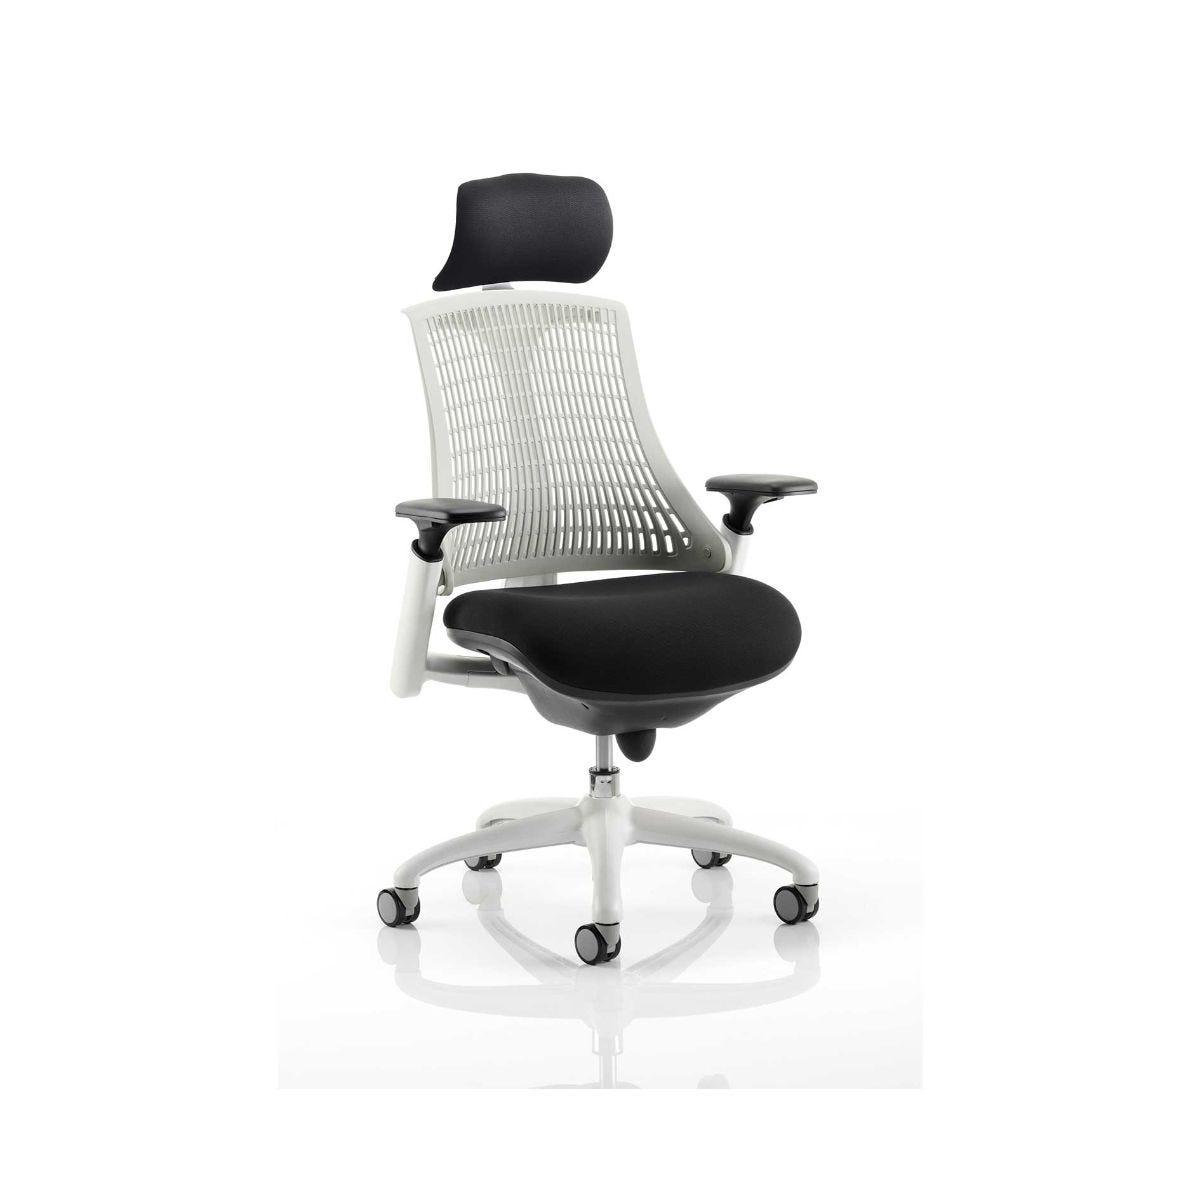 Flex Task Office Chair White Frame With Headrest, Moonstone